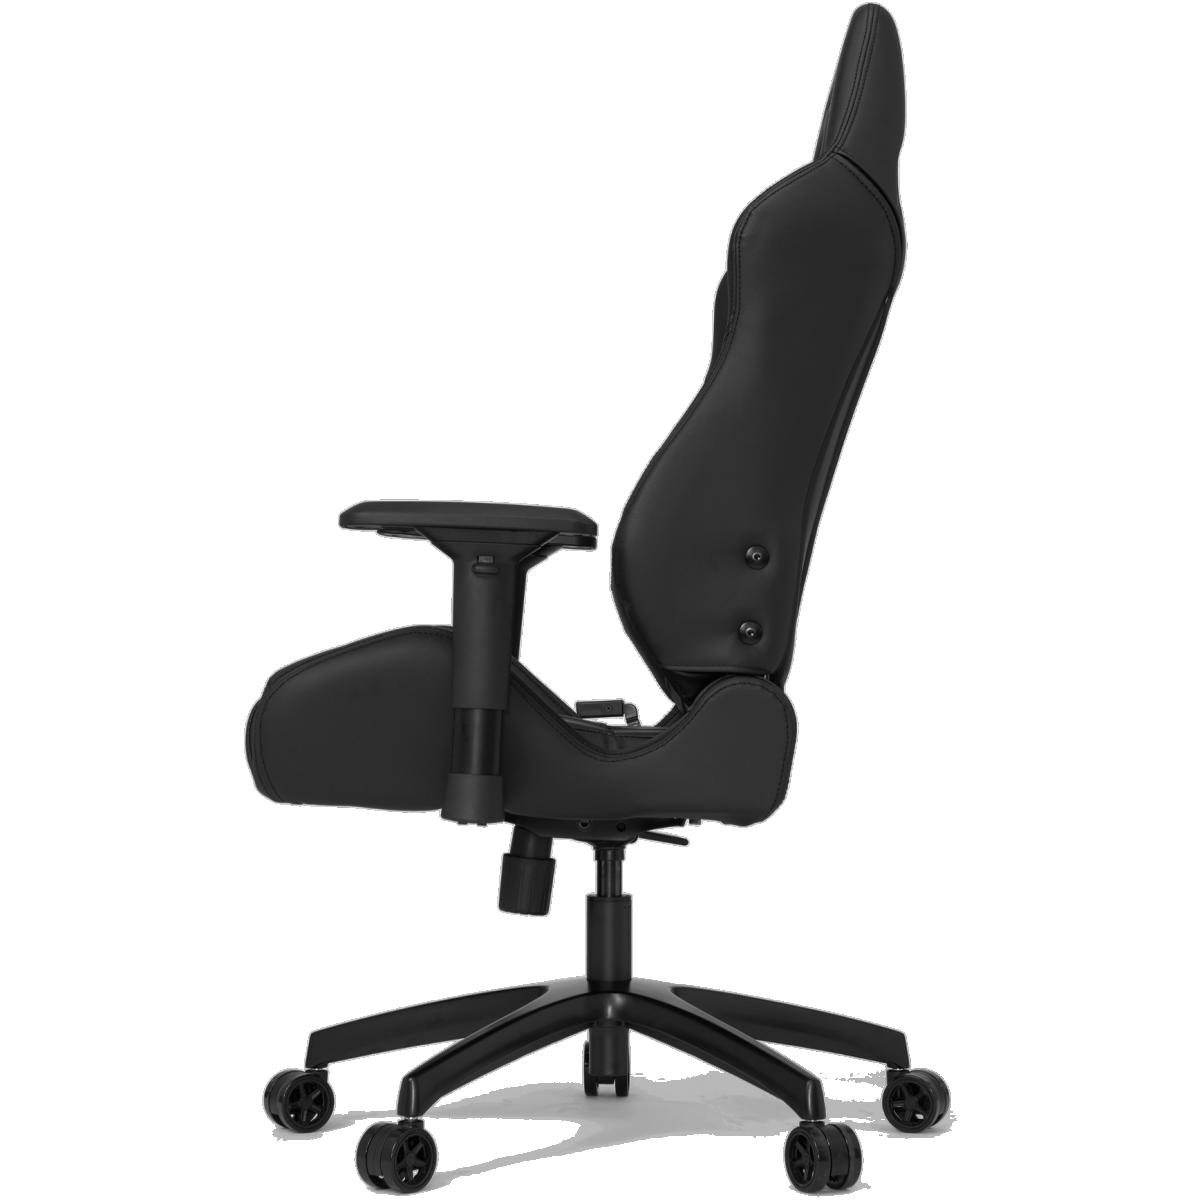 Cadeira Gamer Vertagear Racing SL5000, Black, VG-SL5000_BK